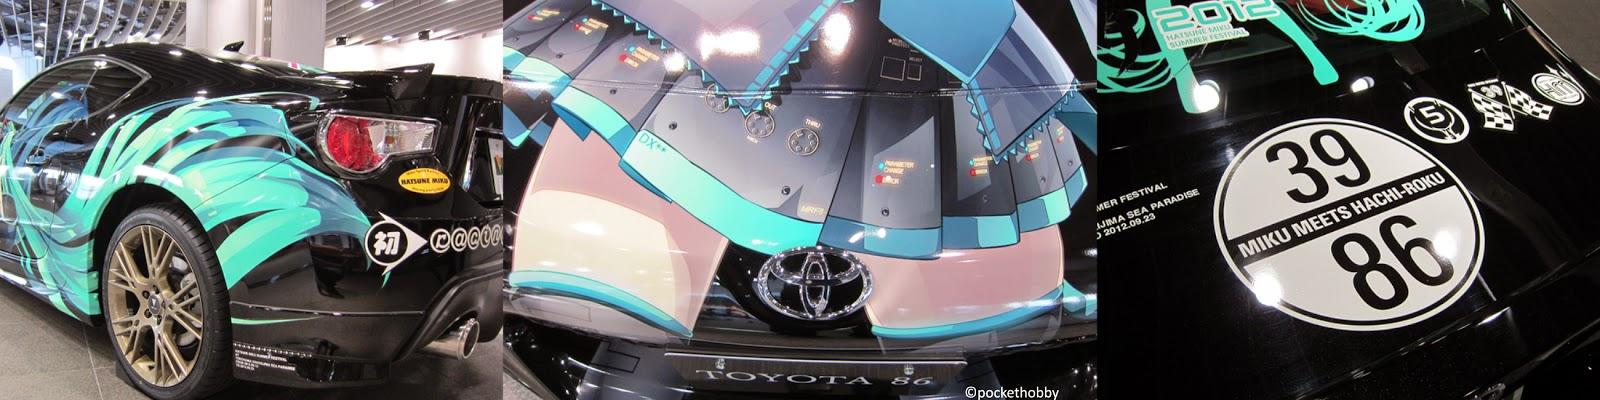 Pocket Hobby - www.pockethobby.com - Itasha - Japão - Toyota GT 86 - e muito mais